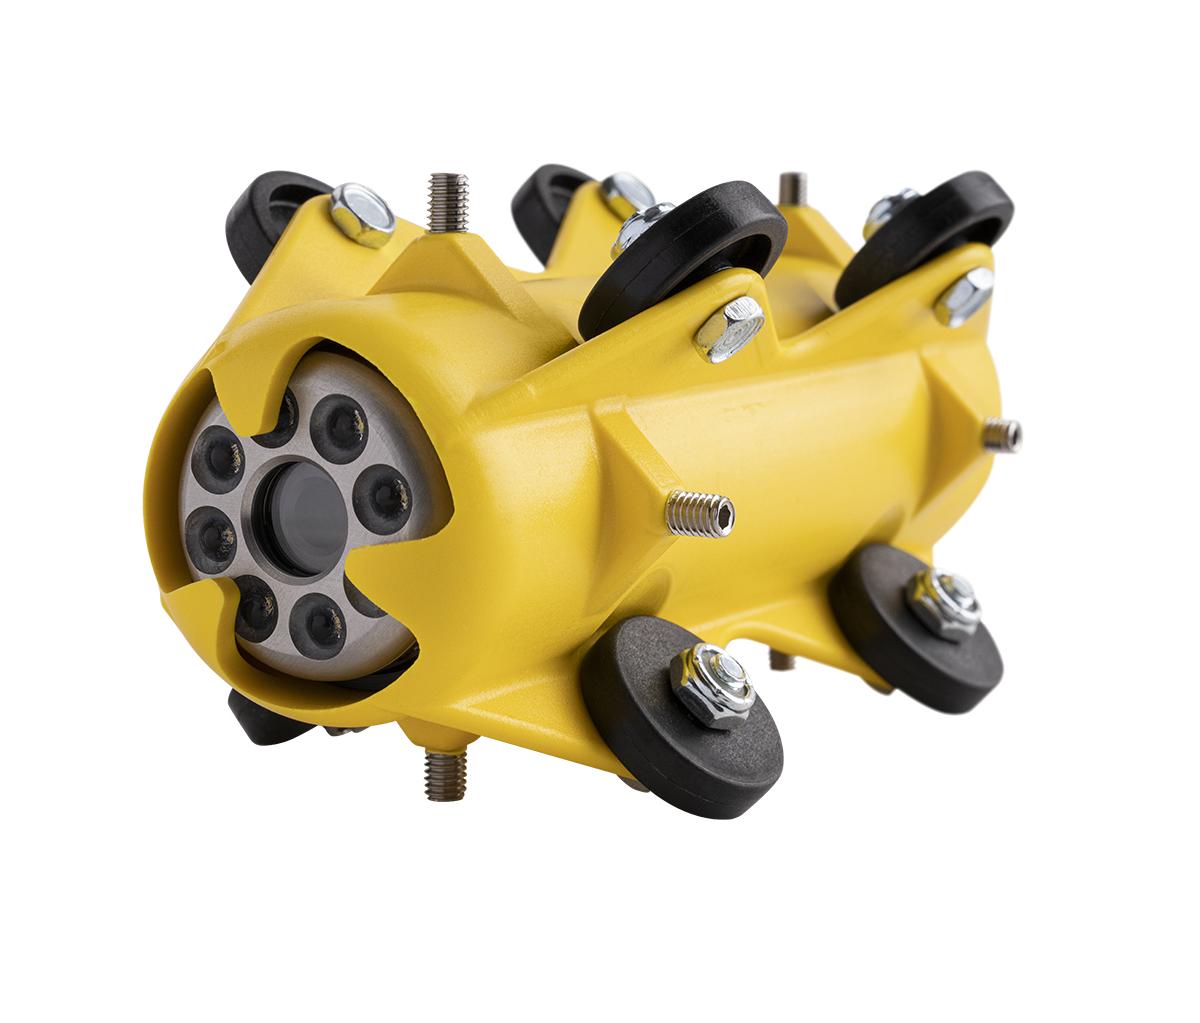 Roller Skids